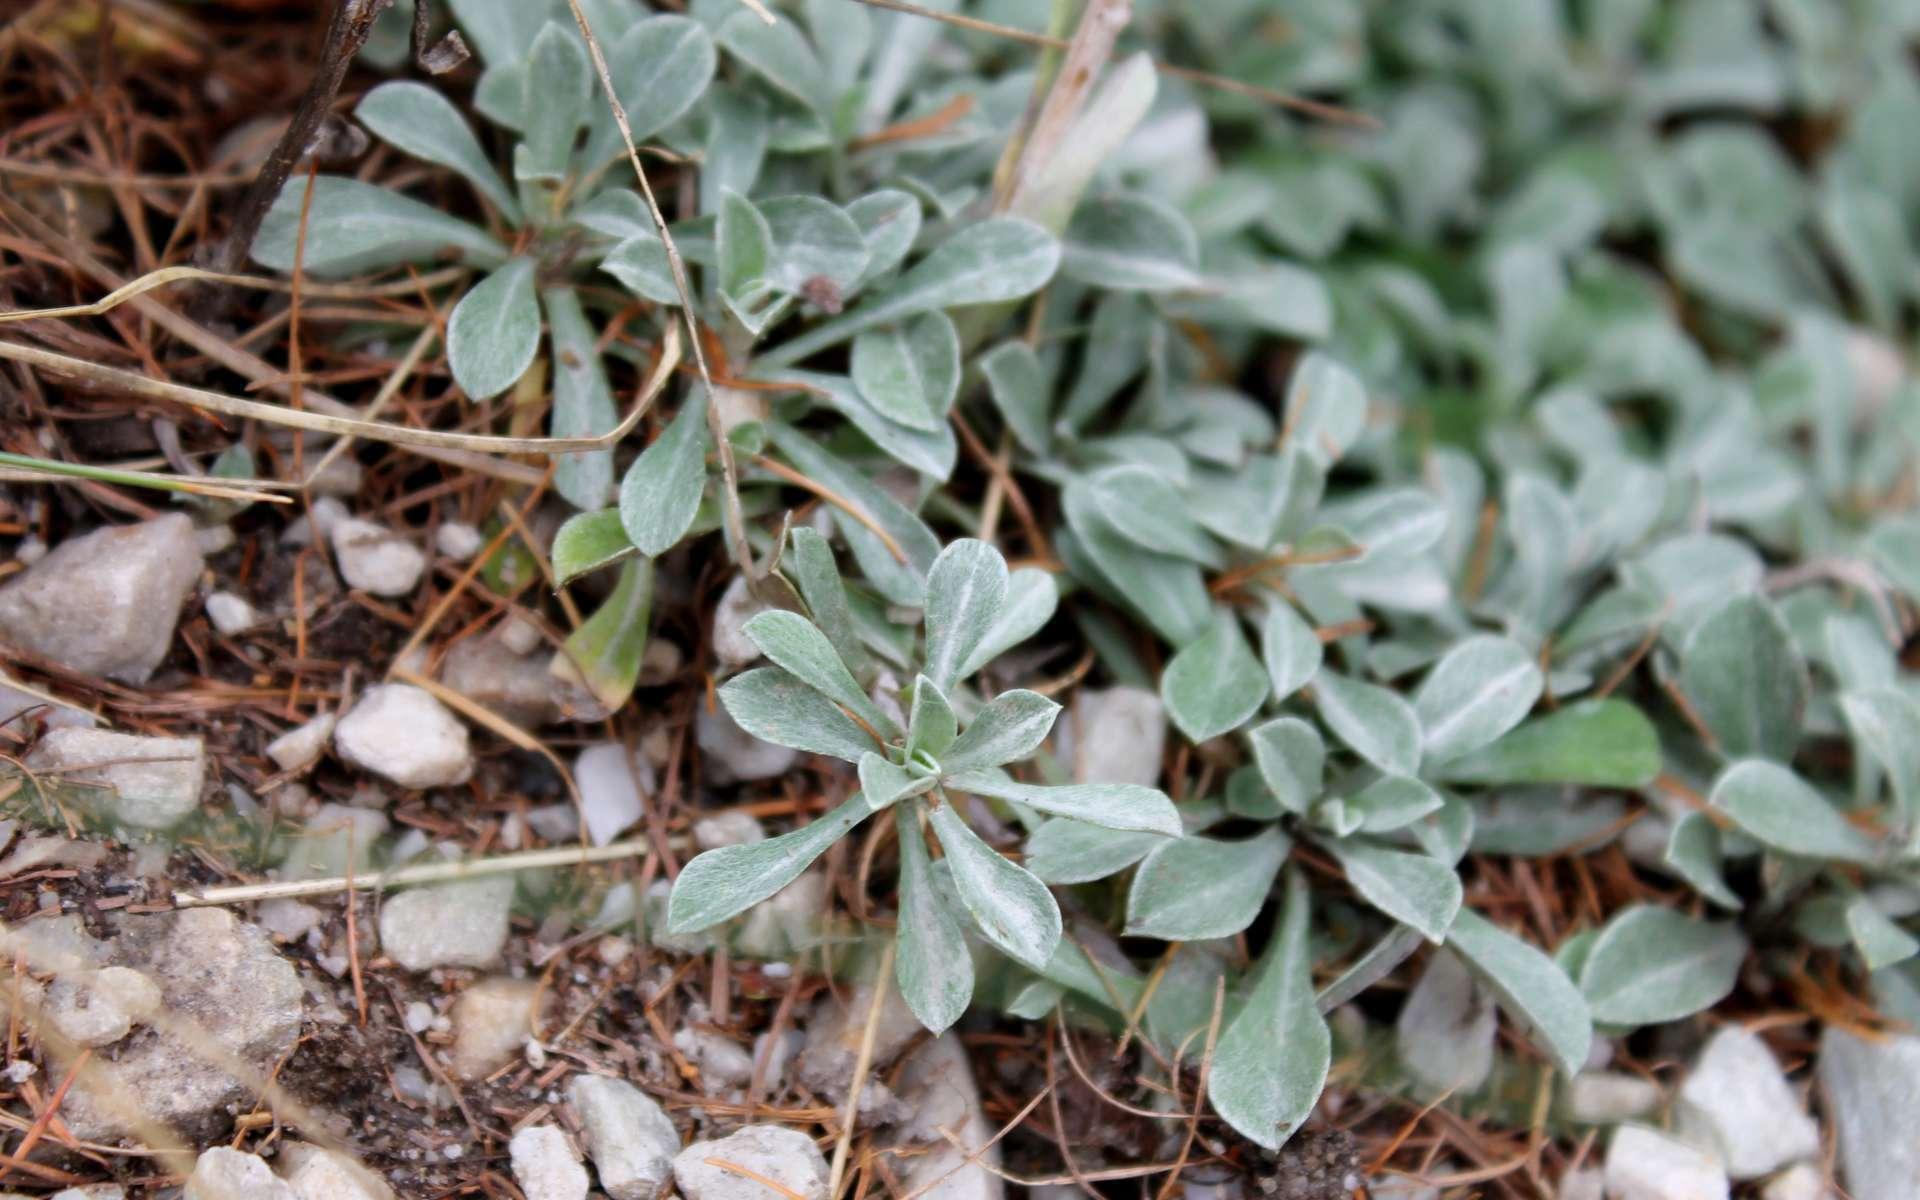 Pied de chat dioïque - feuilles (Crédits : Léa Charbonnier)